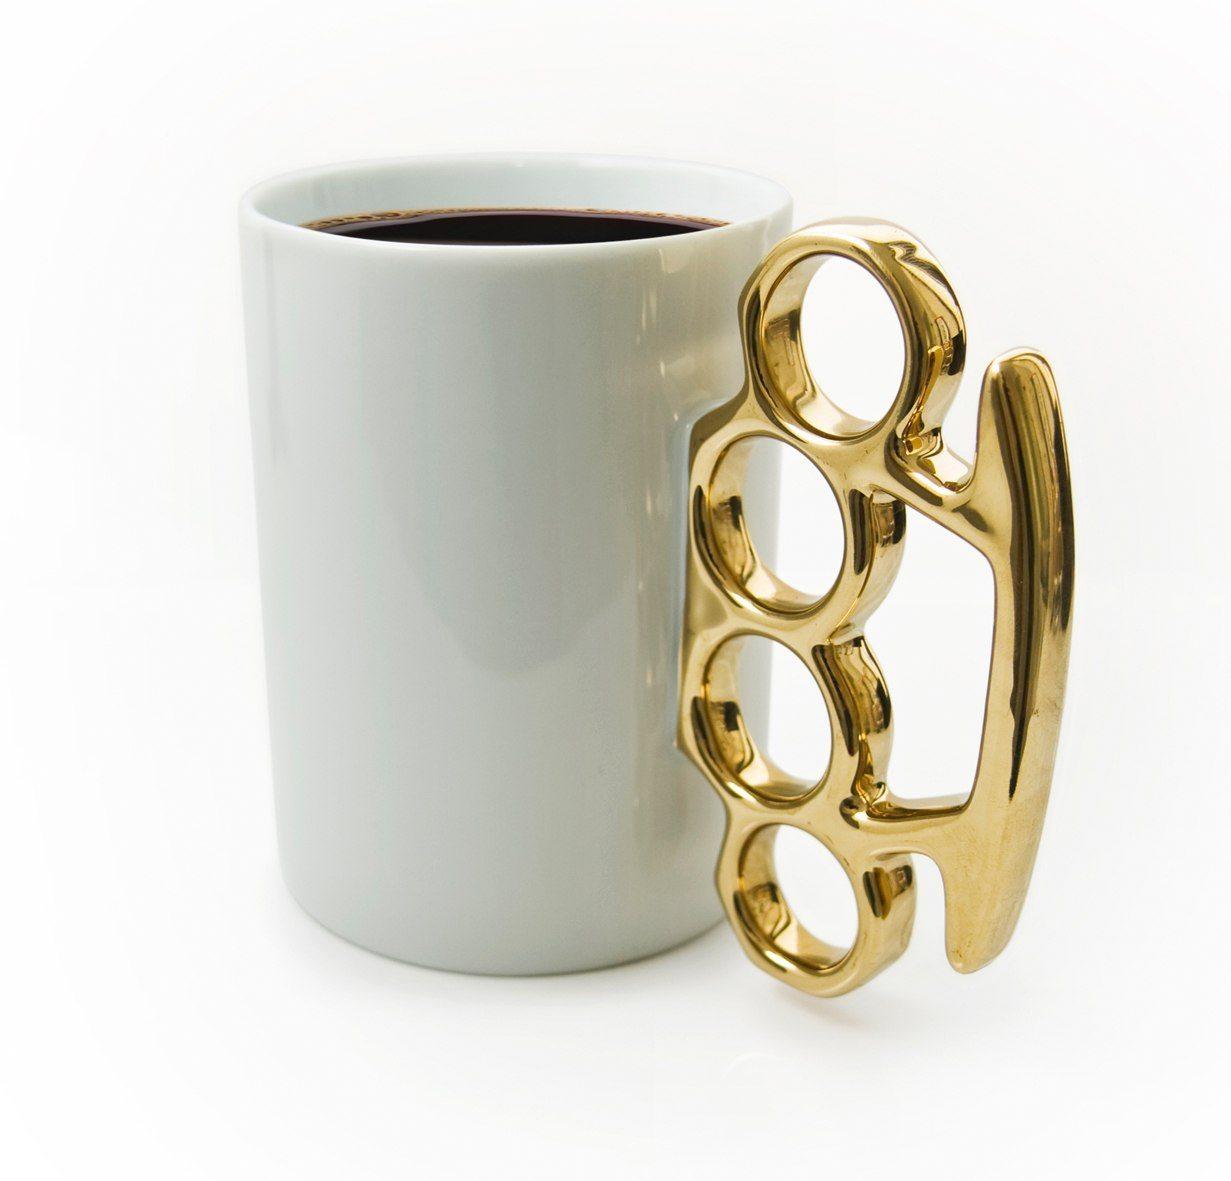 Schlagring Kaffeebecher weiß/gold